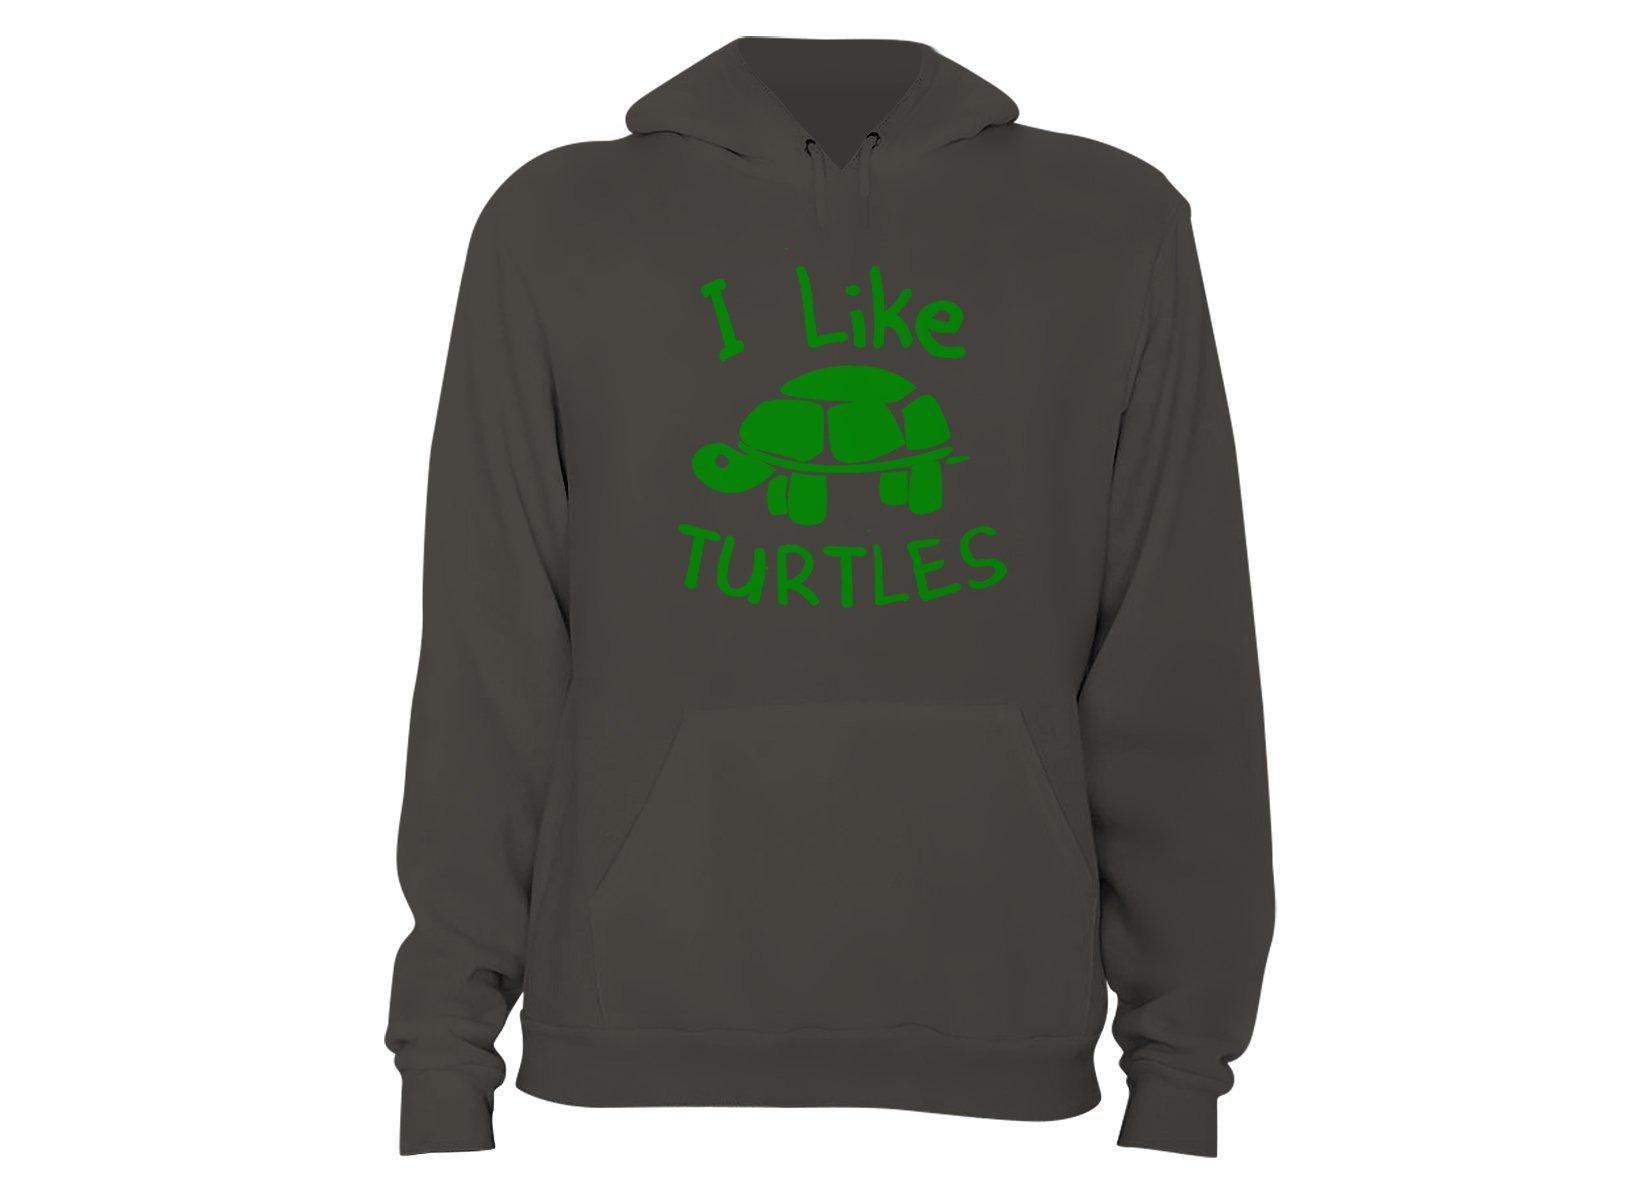 I Like Turtles on Hoodie